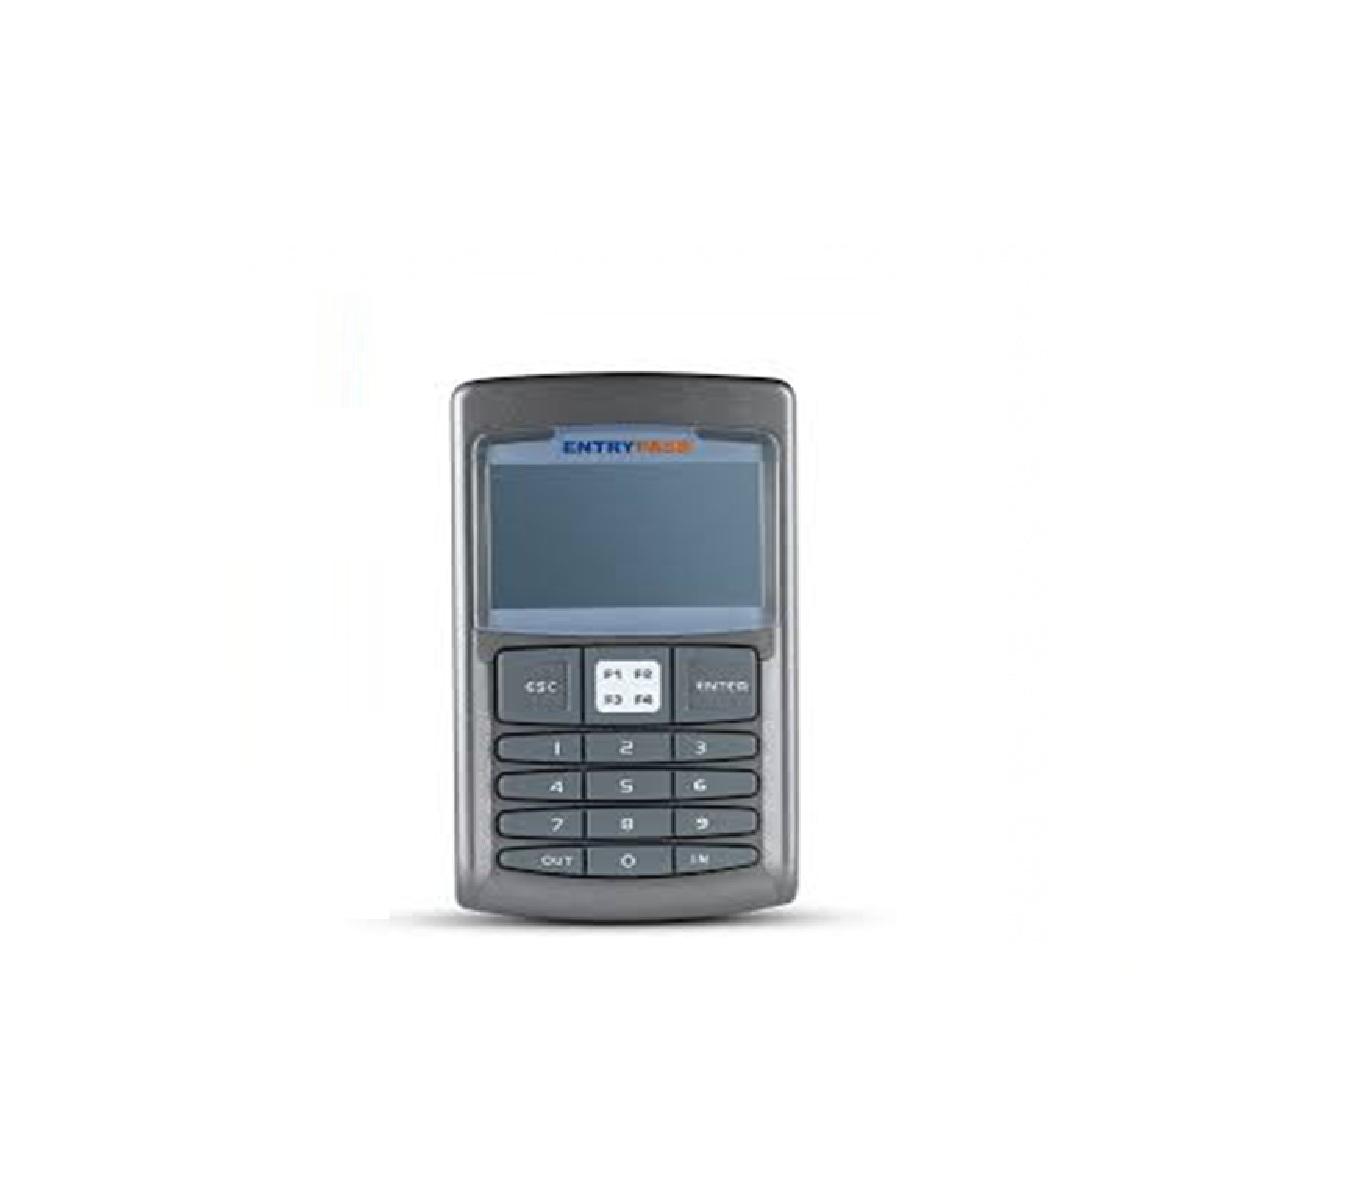 Đầu đọc thẻ tích hợp điều khiển cửa EP.M800